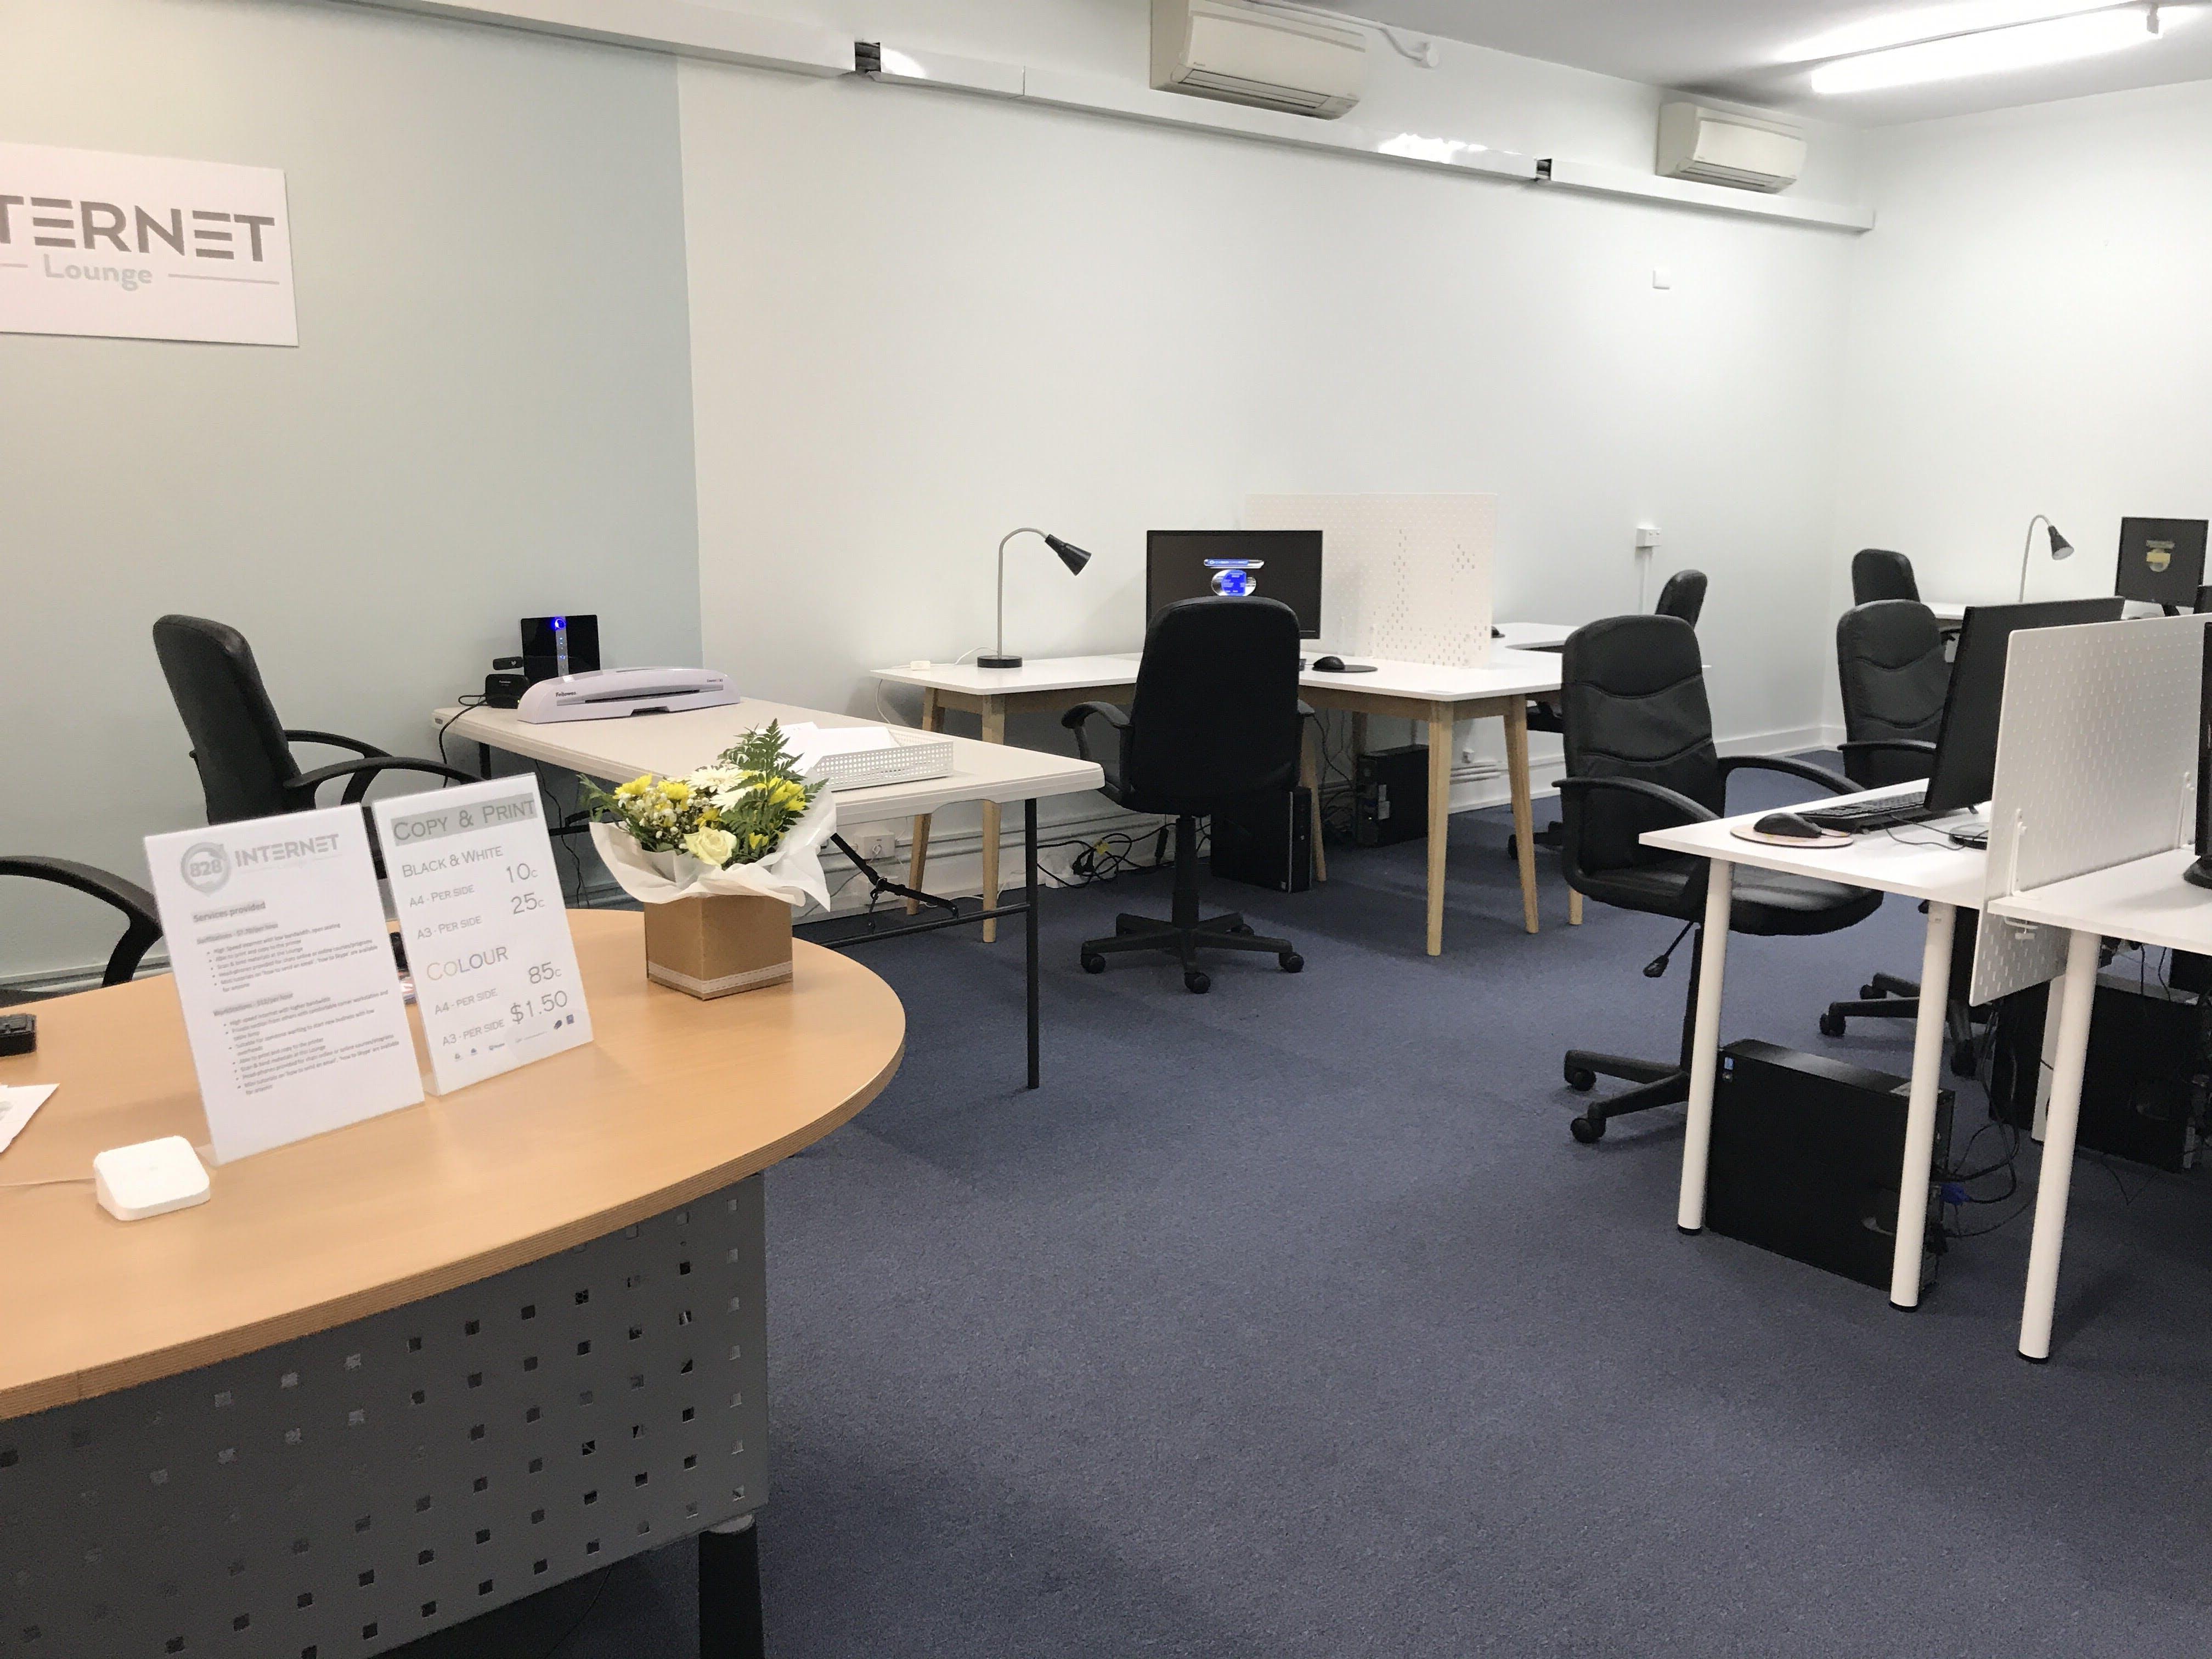 828 Internet Lounge, training room at Bunbury City Plaza, image 1